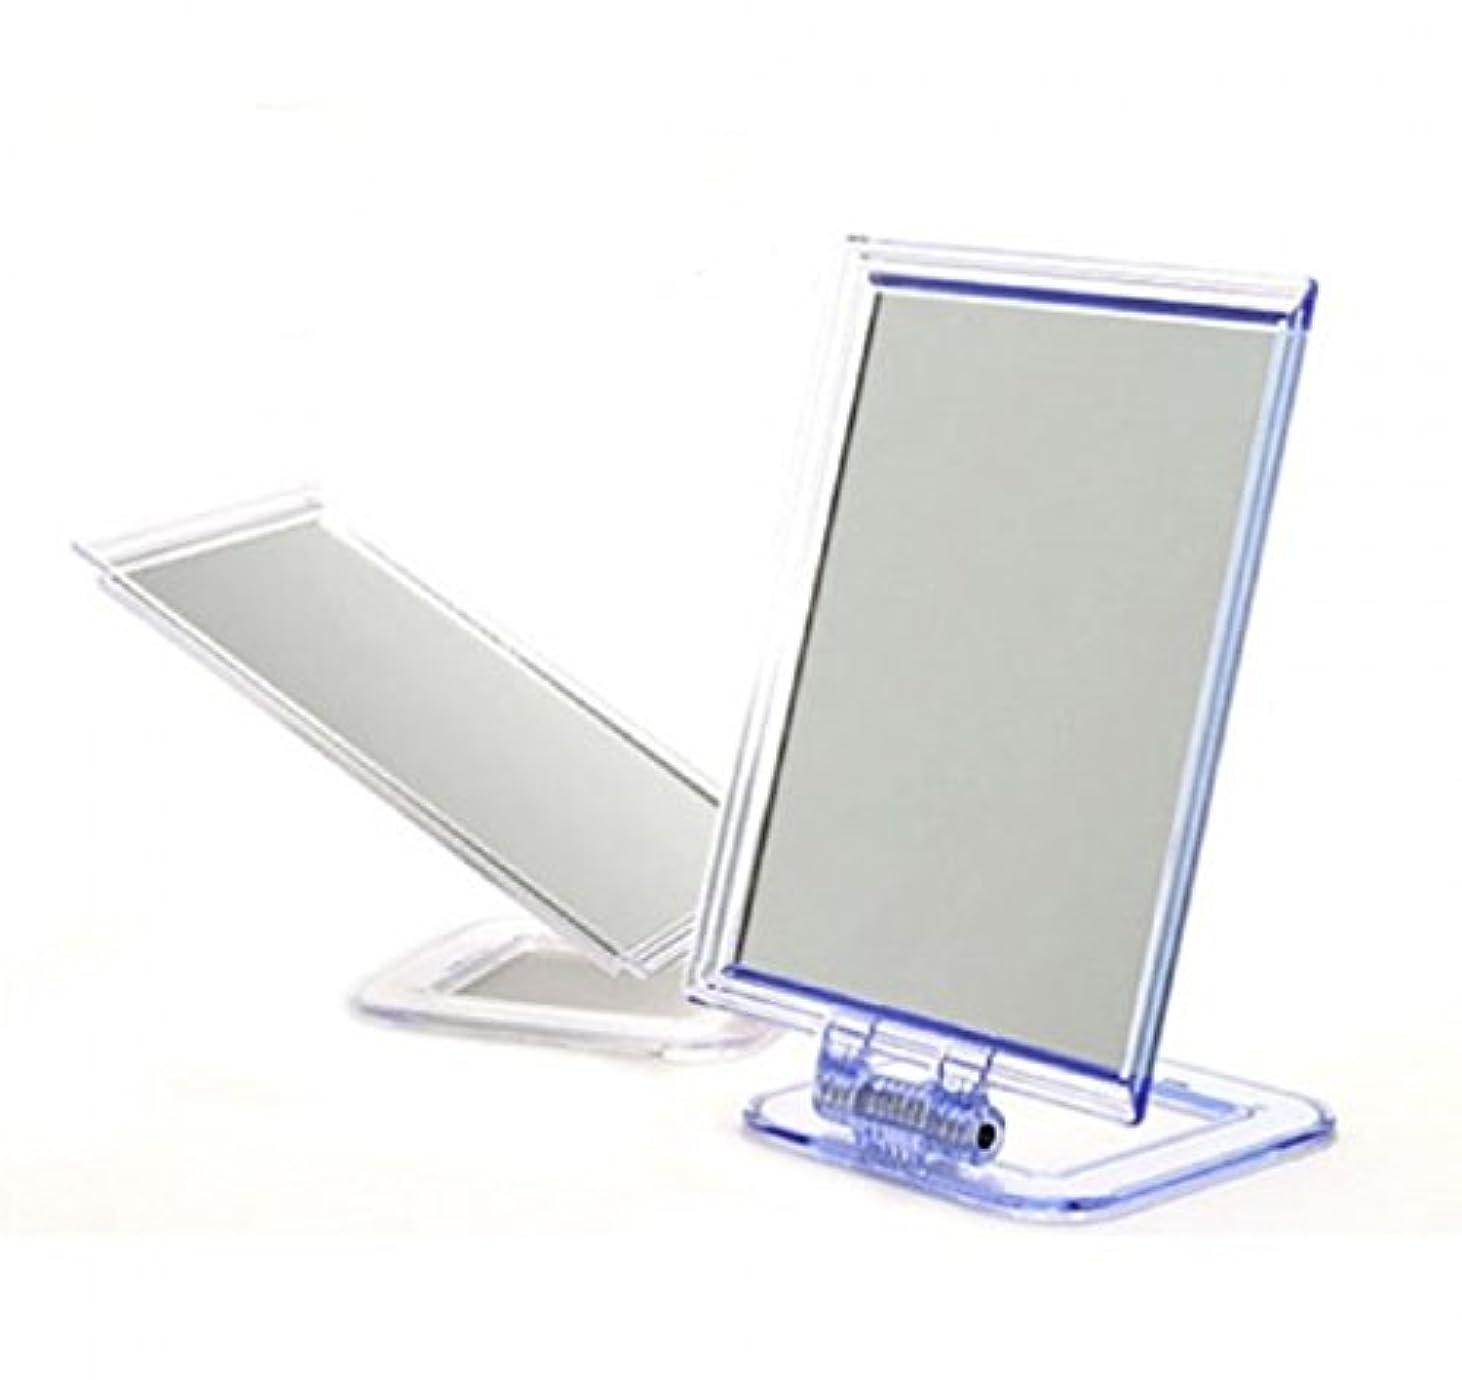 傭兵バレーボール農民卓上サイズ 置き鏡 スタンドミラー 化粧 必需品 シンプル 便利 パラデック 折りたたみ式 ミラー